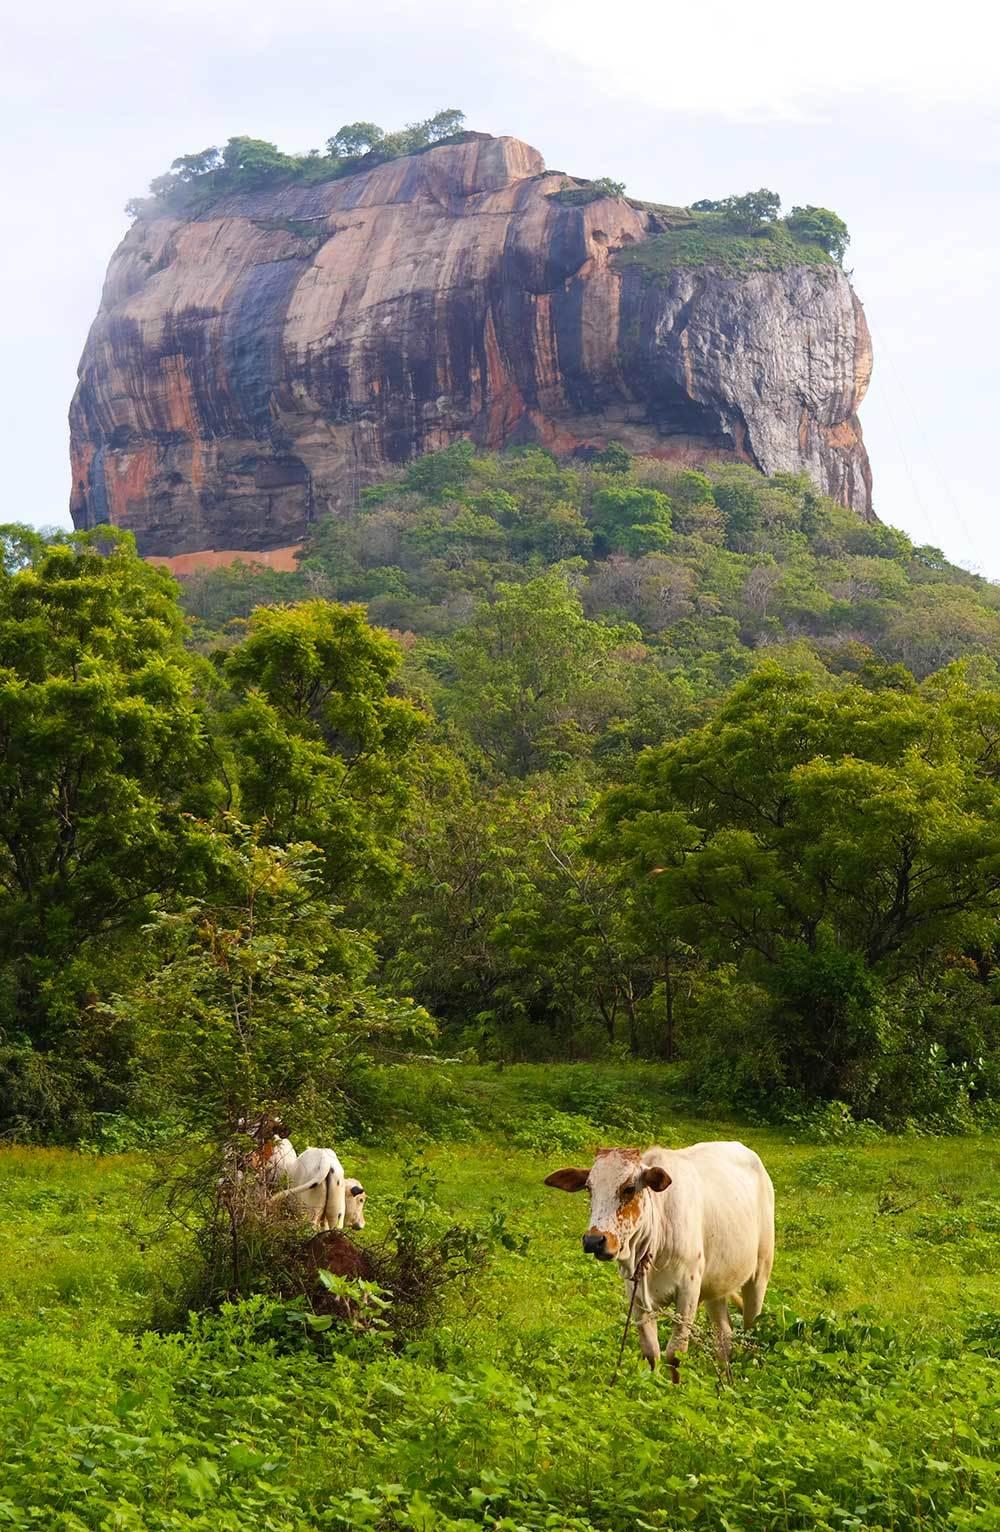 sigiraya-rock-sri-lanka